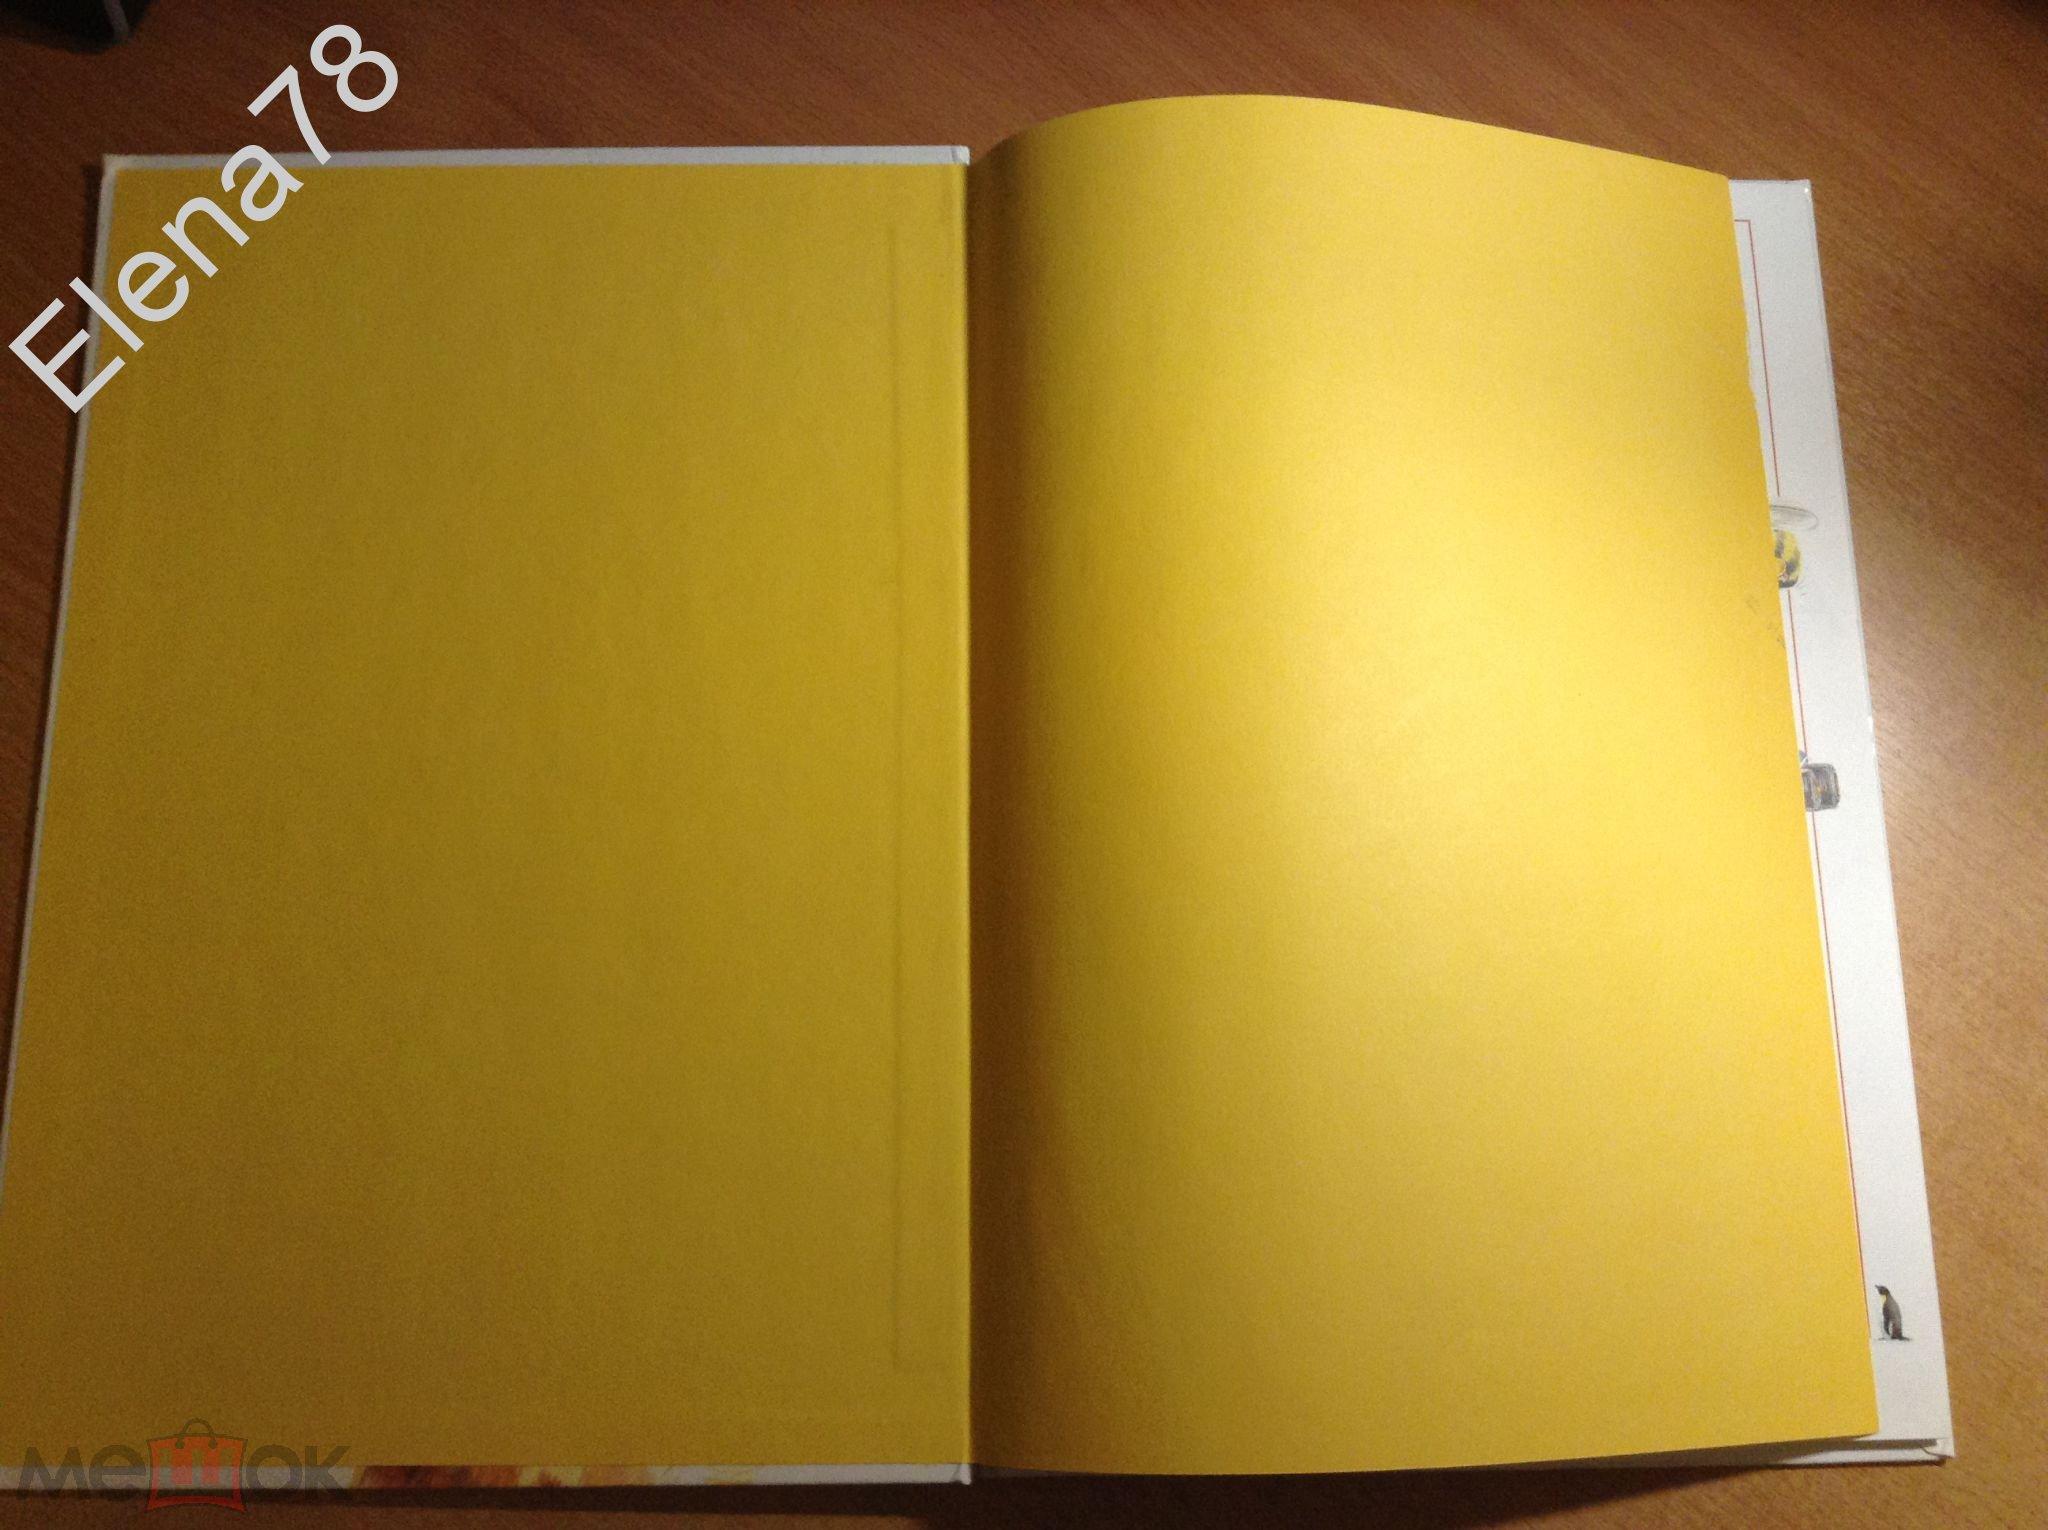 Твой франко-англо-русский словарь. Кристиан Томбо. Для детей. 2002 г.